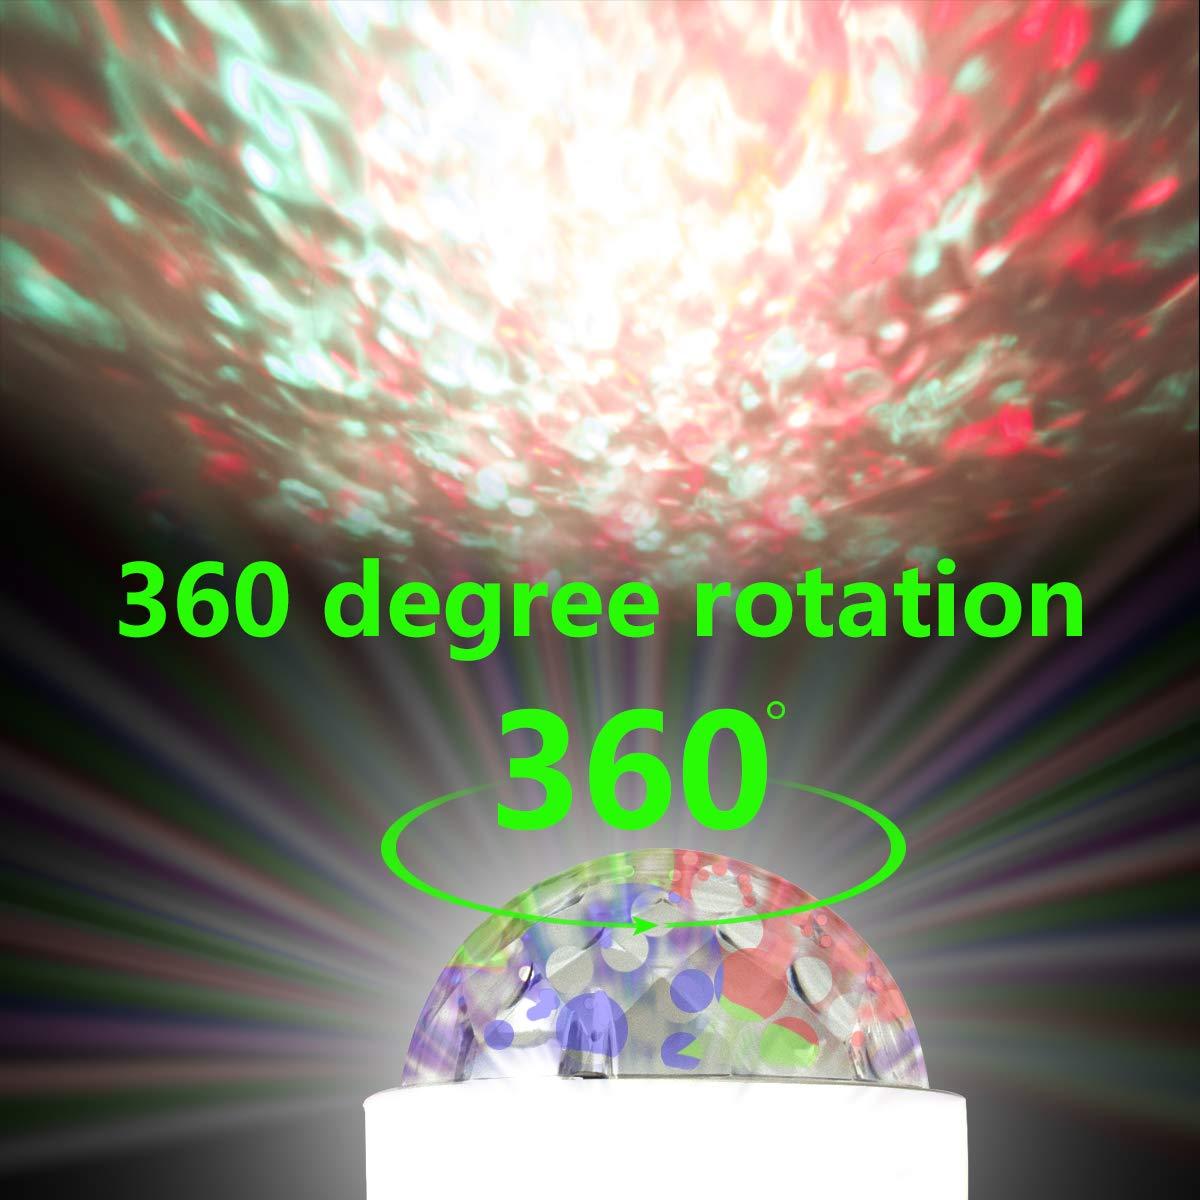 Discokugel E27 RGBYW Fernbedienung LED Partybeleuchtung Lichteffekte B/ühnenlampen Gl/ühbirnen Partylicht Lampe Fernsteuerung f/ür Geburtstagsparty Hochzeitsfest Weihnachten Halloween